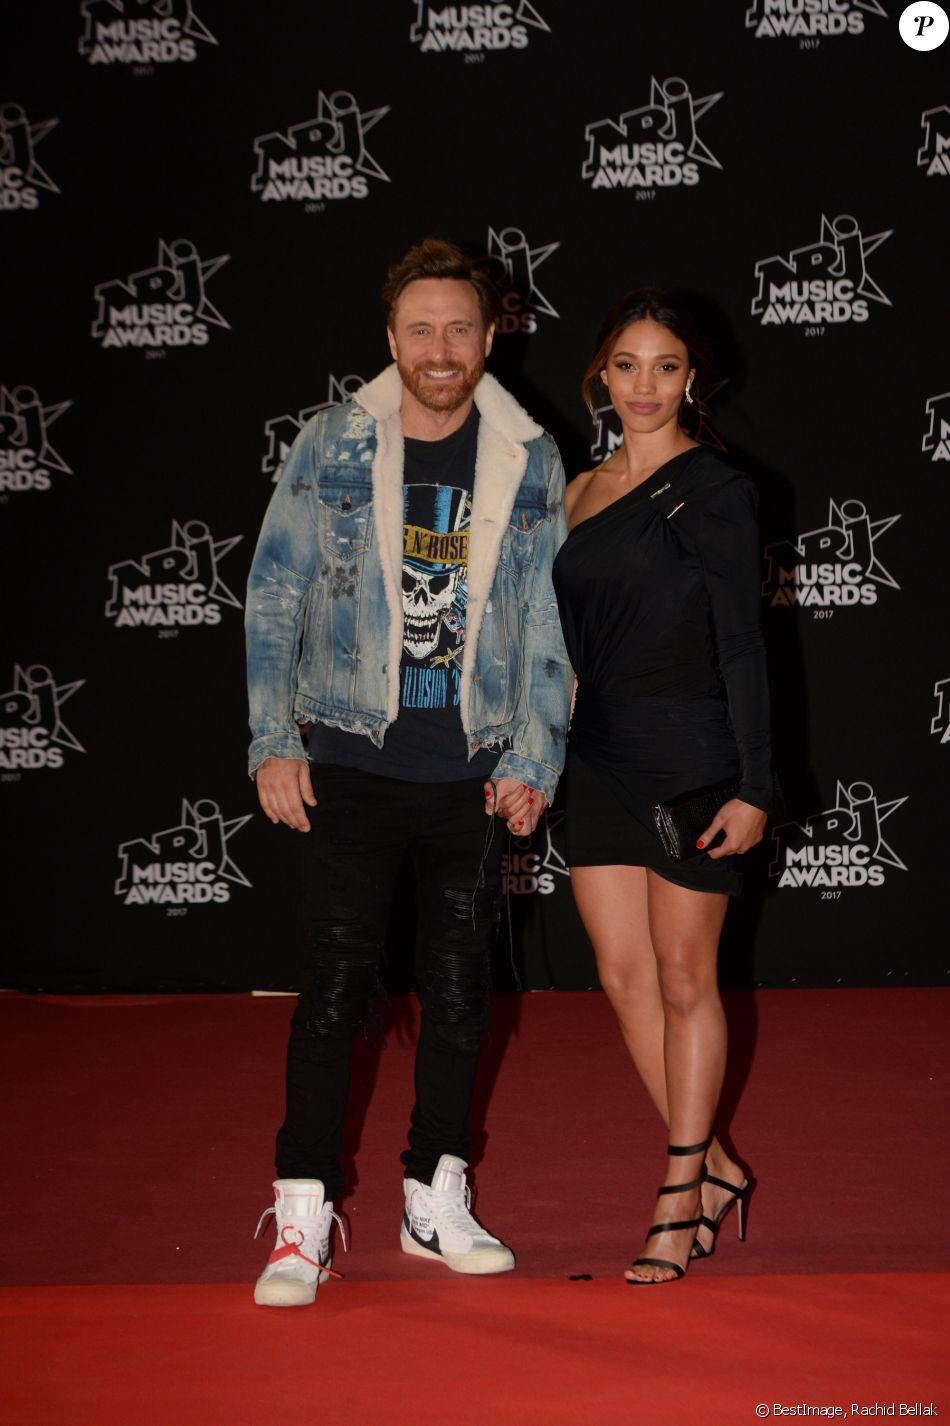 David Guetta et sa compagne Jessica Ledon - 19ème édition des NRJ Music Awards à Cannes le 4 novembre 2017. © Rachid Bellak/Bestimage